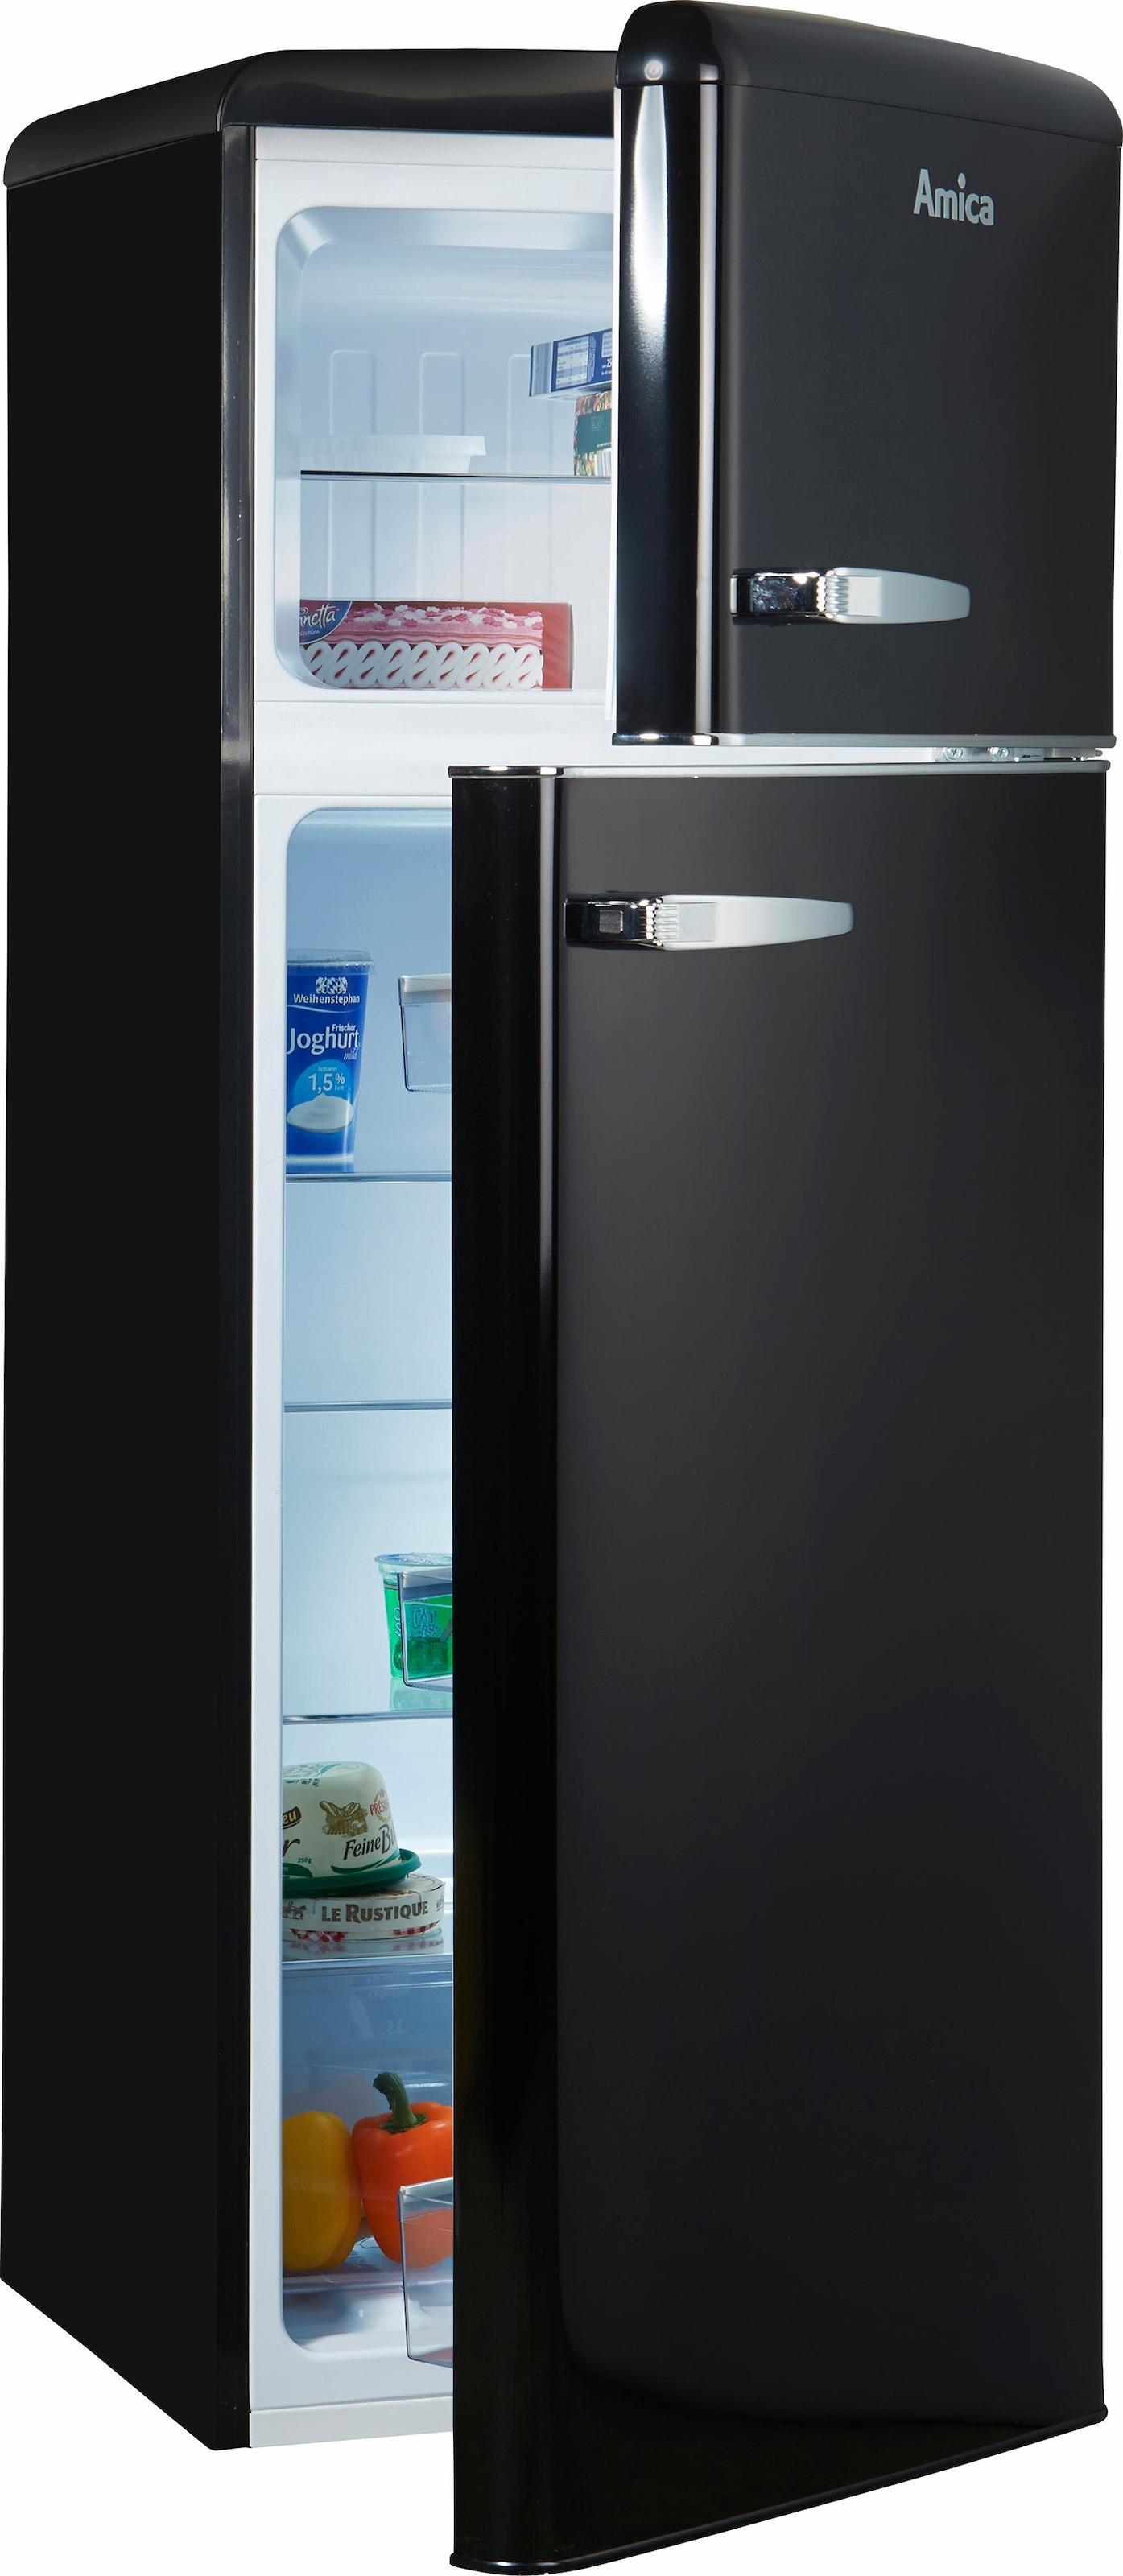 Amica Kühlschrank Retro Creme : Retro kühlschränke auf rechnung raten kaufen baur